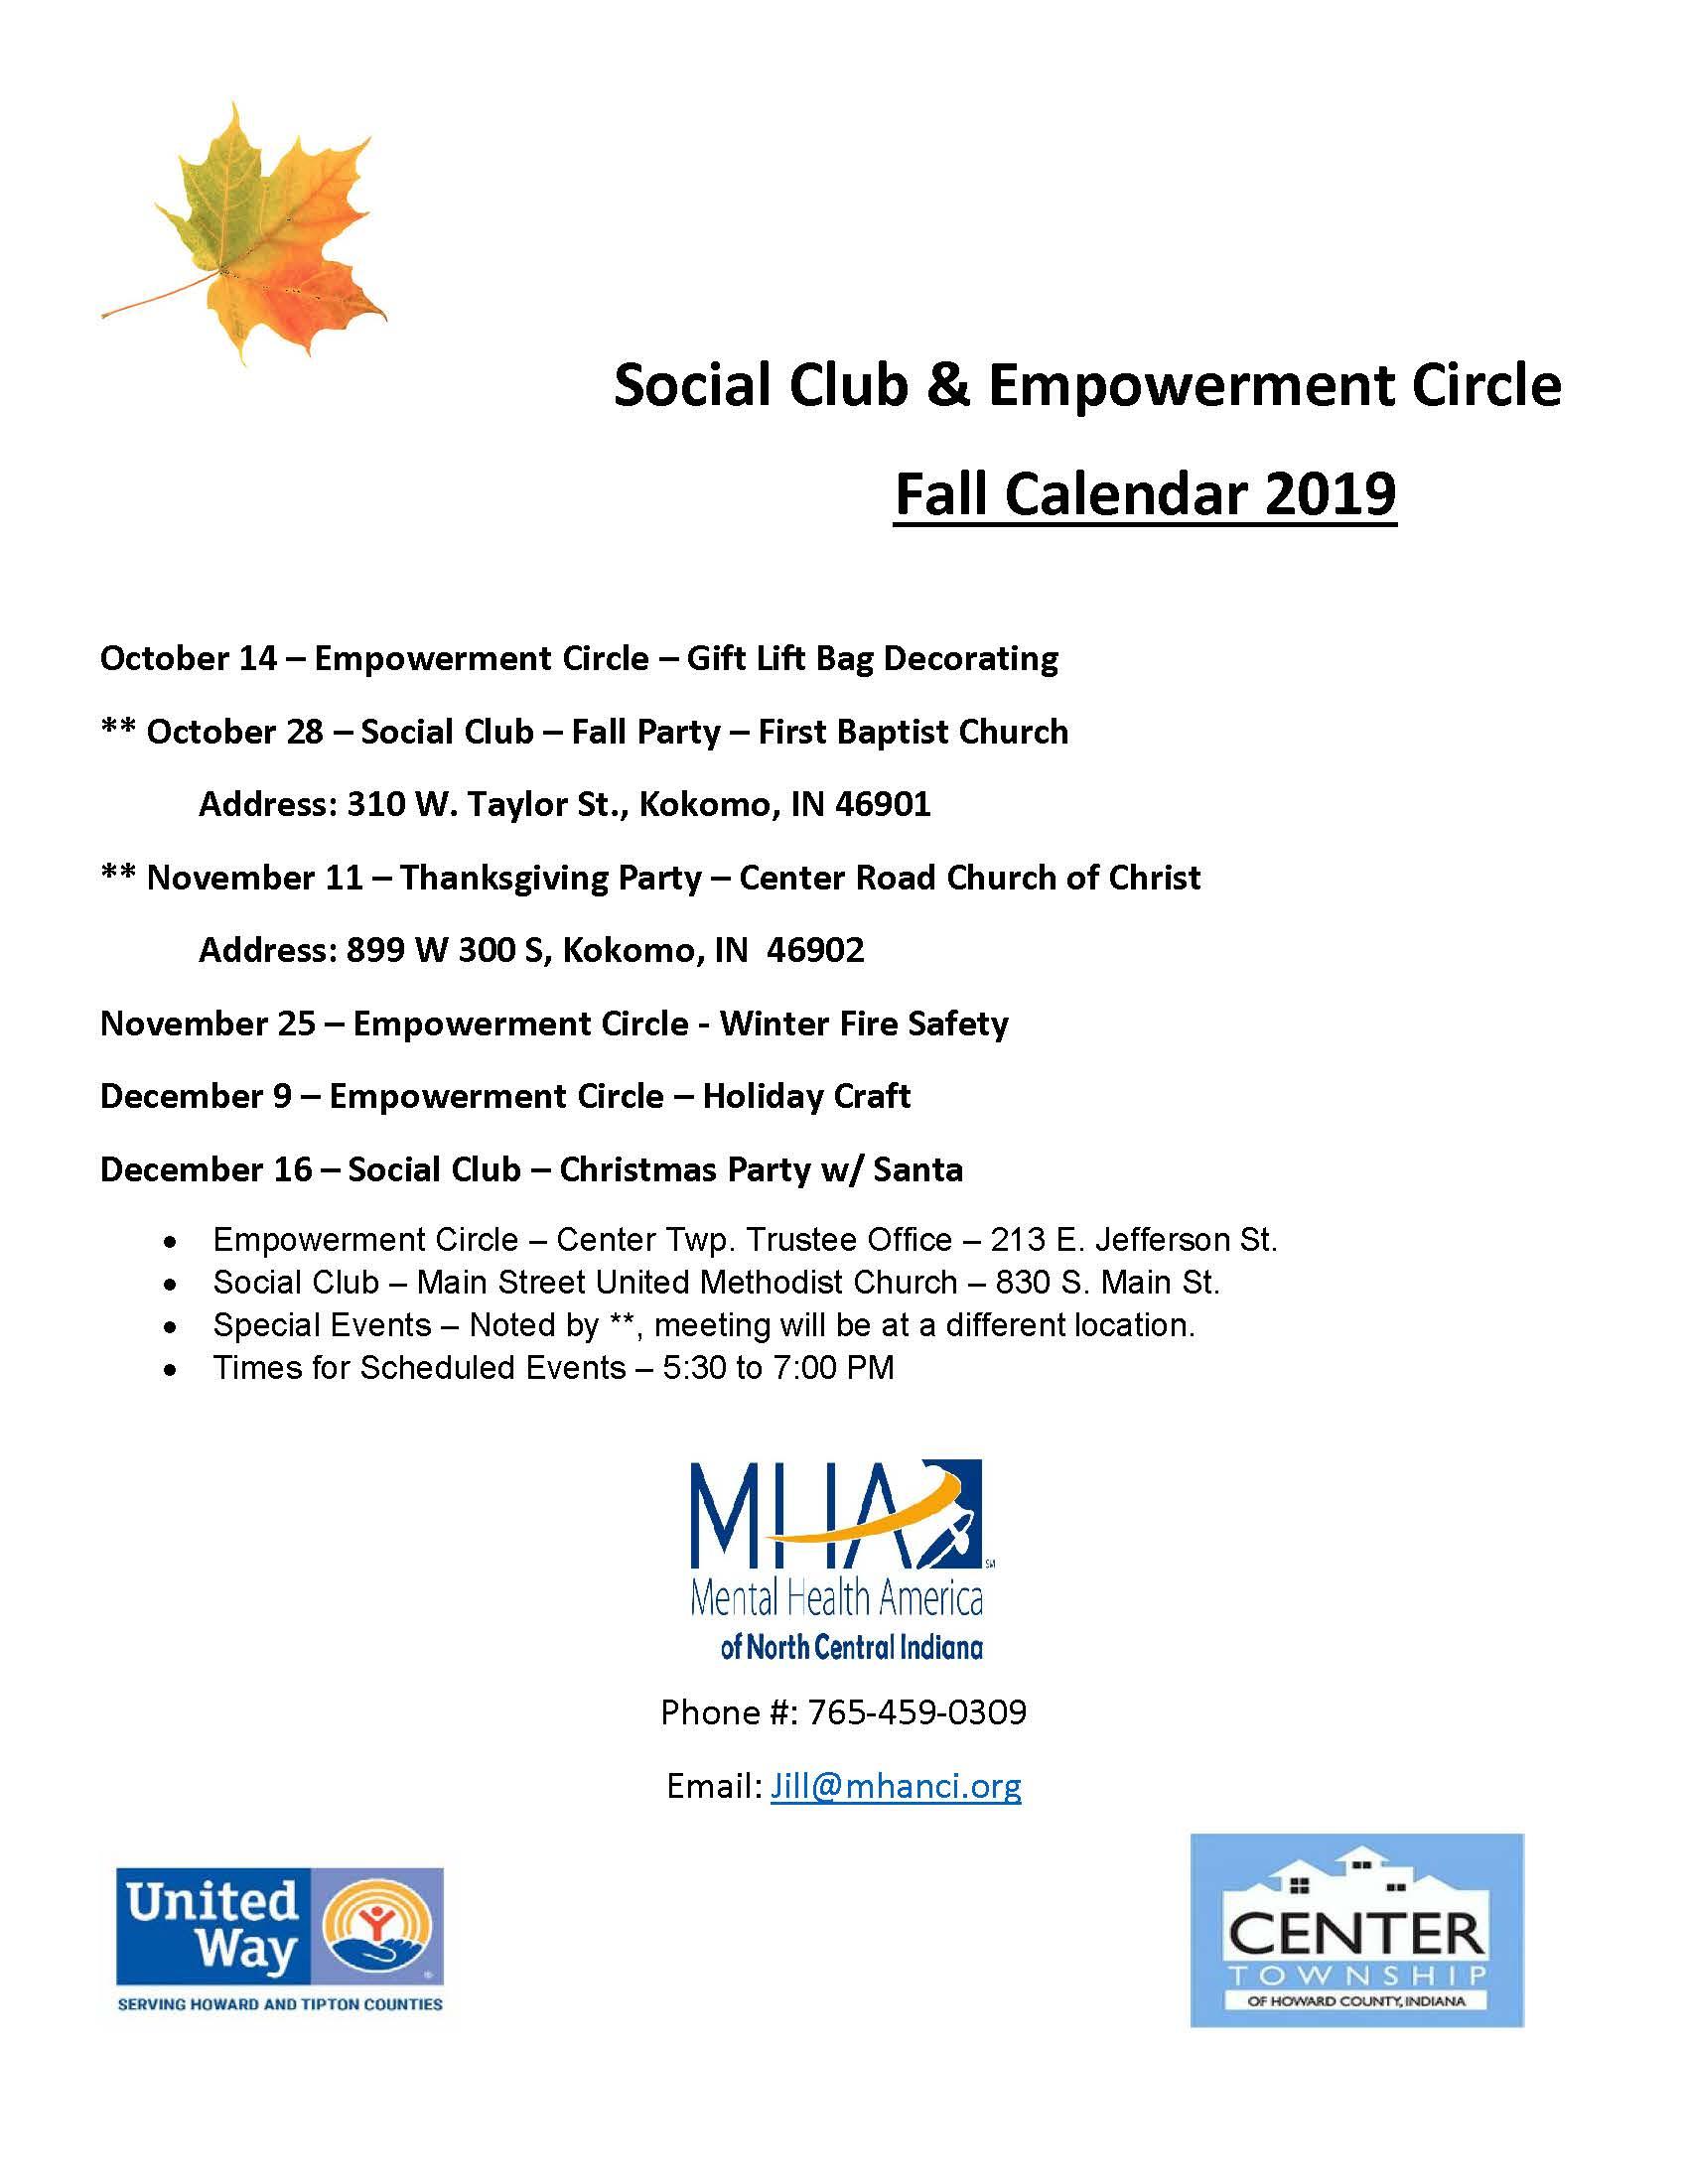 Social Club - Fall Party